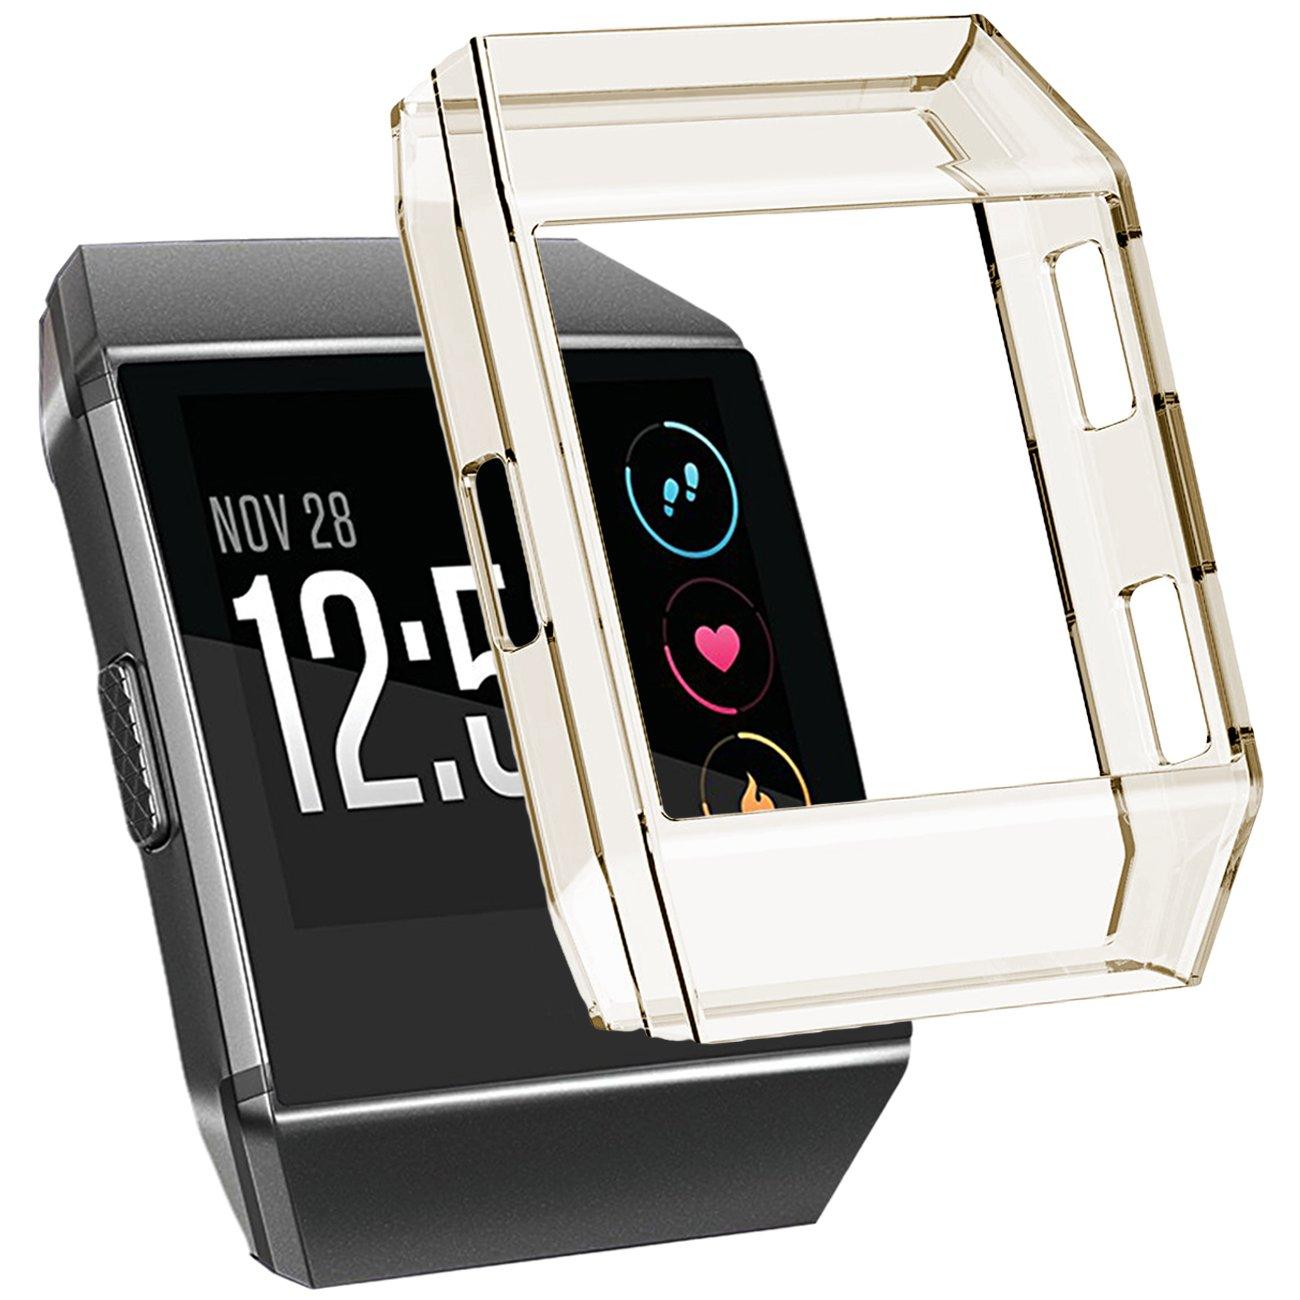 For Fitbit Ionic Case、maledanアクセサリーフレーム耐衝撃性保護ケースカバープロテクターシェルfor Fitbit Ionic Smart Watch B076T2MZCT茶色